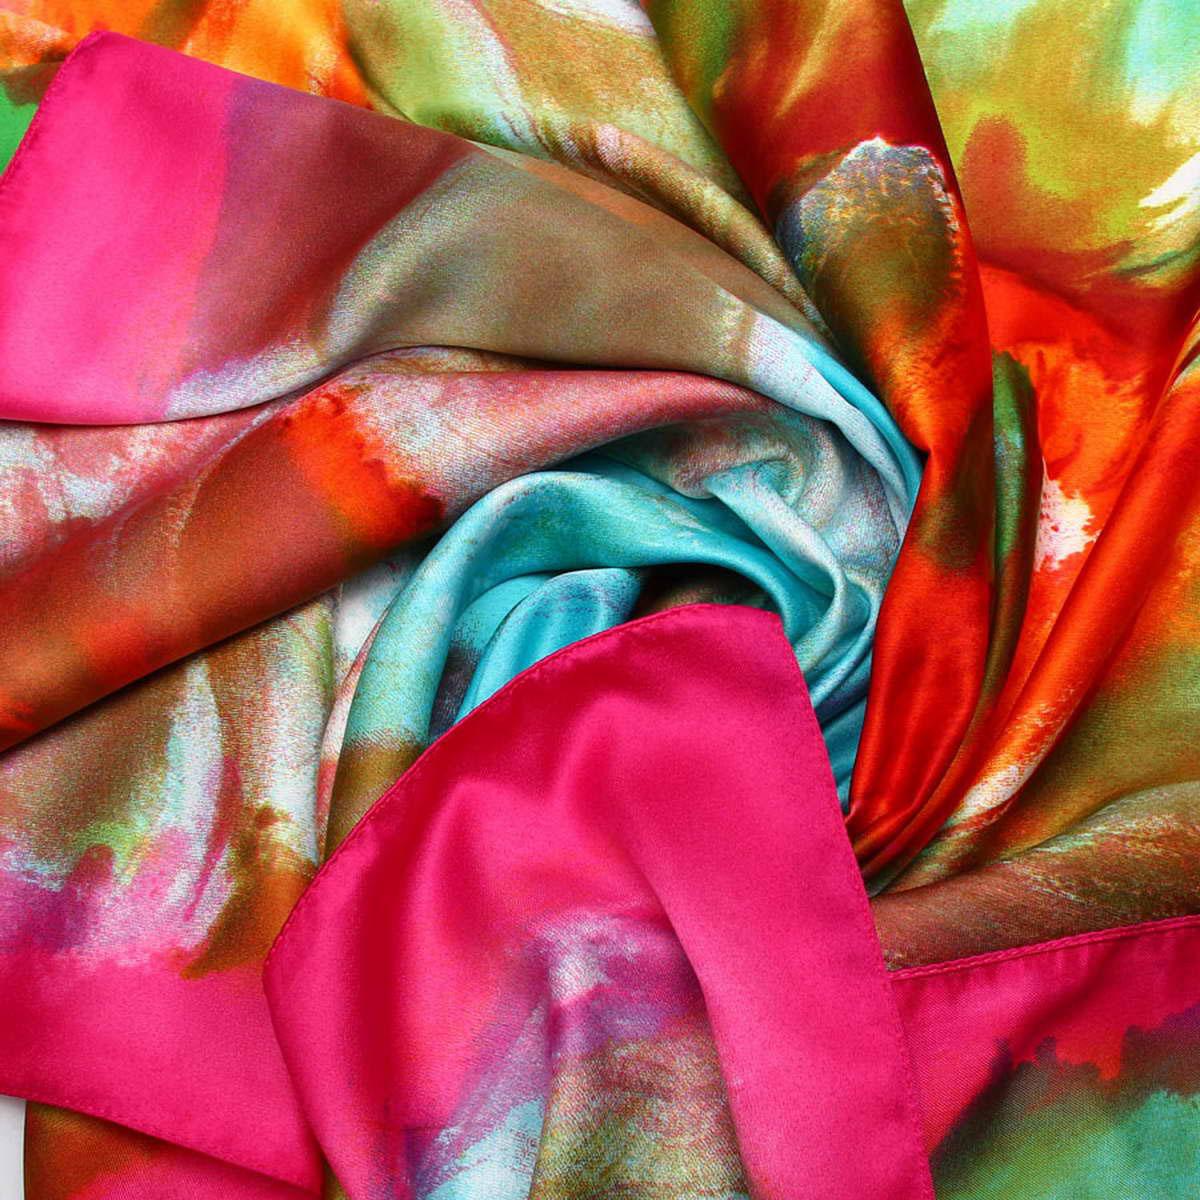 Платок3906233-2Изысканный и невероятно красивый женский платок Venera изготовлен из нежного и легкого полиэстера, станет замечательным украшением для любого вашего наряда. Романтичный платок очень красивой цветовой гаммы, украшен принтом с большими цветами. Этот платок будет долго радовать свою обладательницу и придаст наряду изысканности, утонченности и великолепия. Классическая квадратная форма позволяет носить платок на шее, украшать им прическу или декорировать сумочку. Платок Venera превосходно дополнит любой наряд и подчеркнет ваш неповторимый вкус и элегантность.